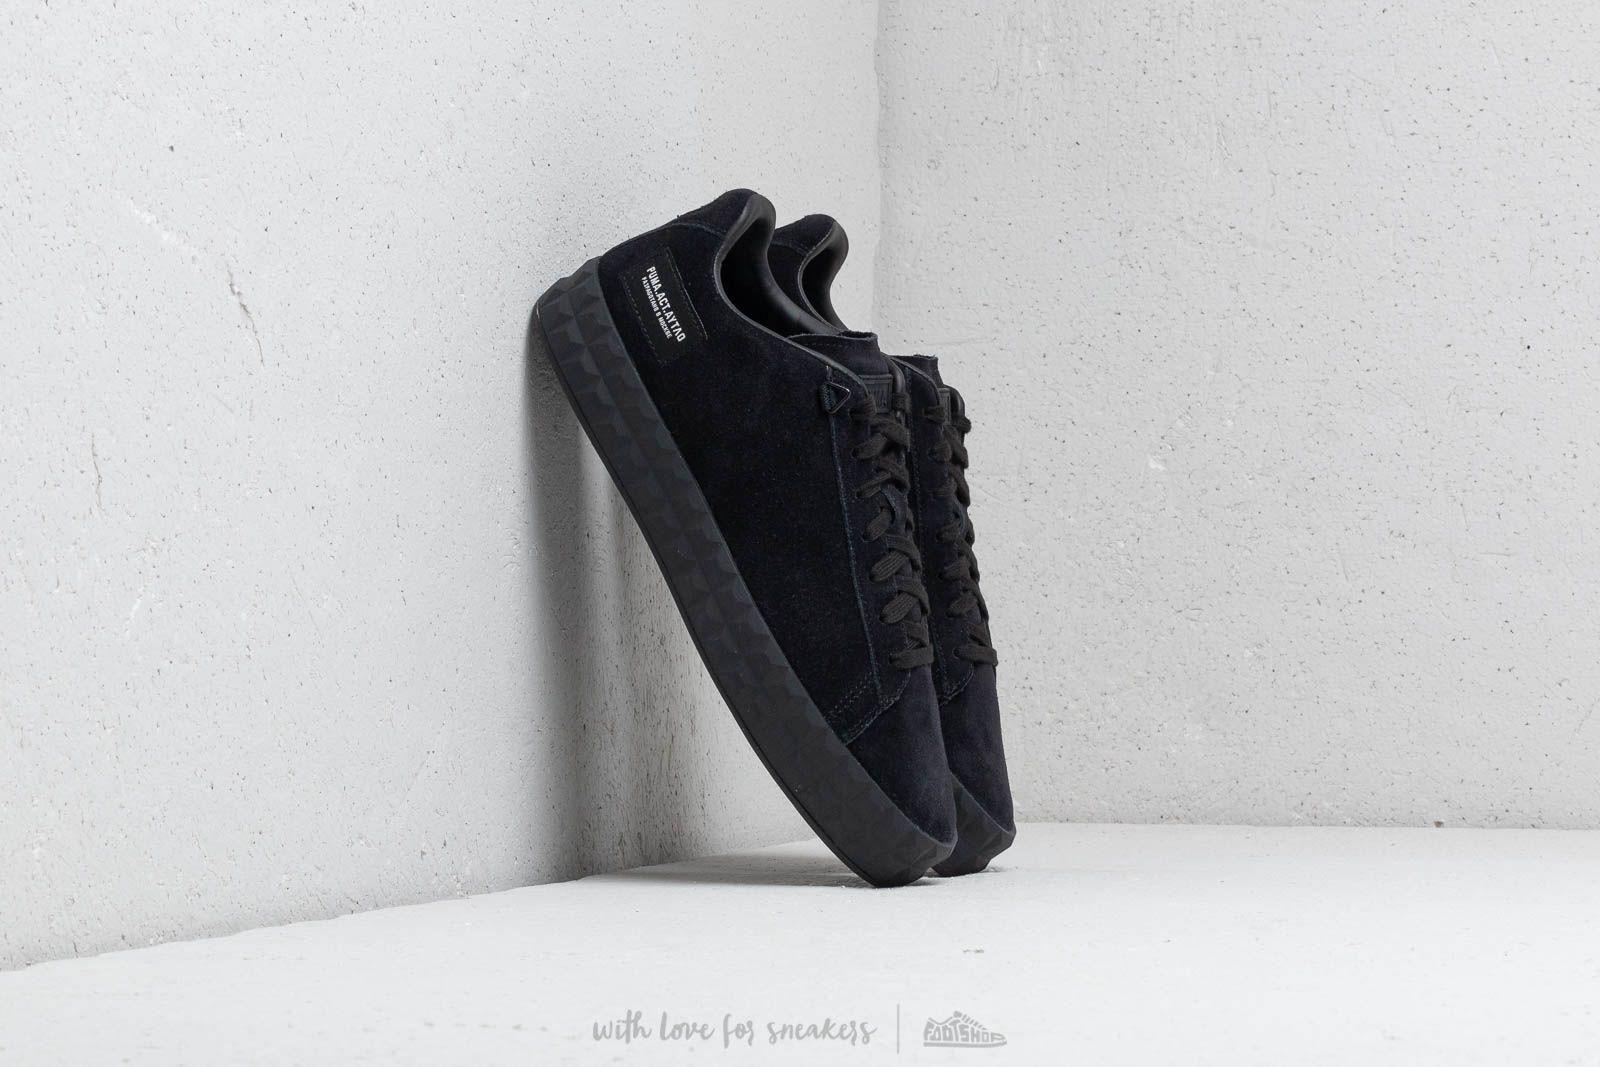 pestillo Canguro Arreglo  Men's shoes Puma x Outlaw Moscow Court Platform Puma Black